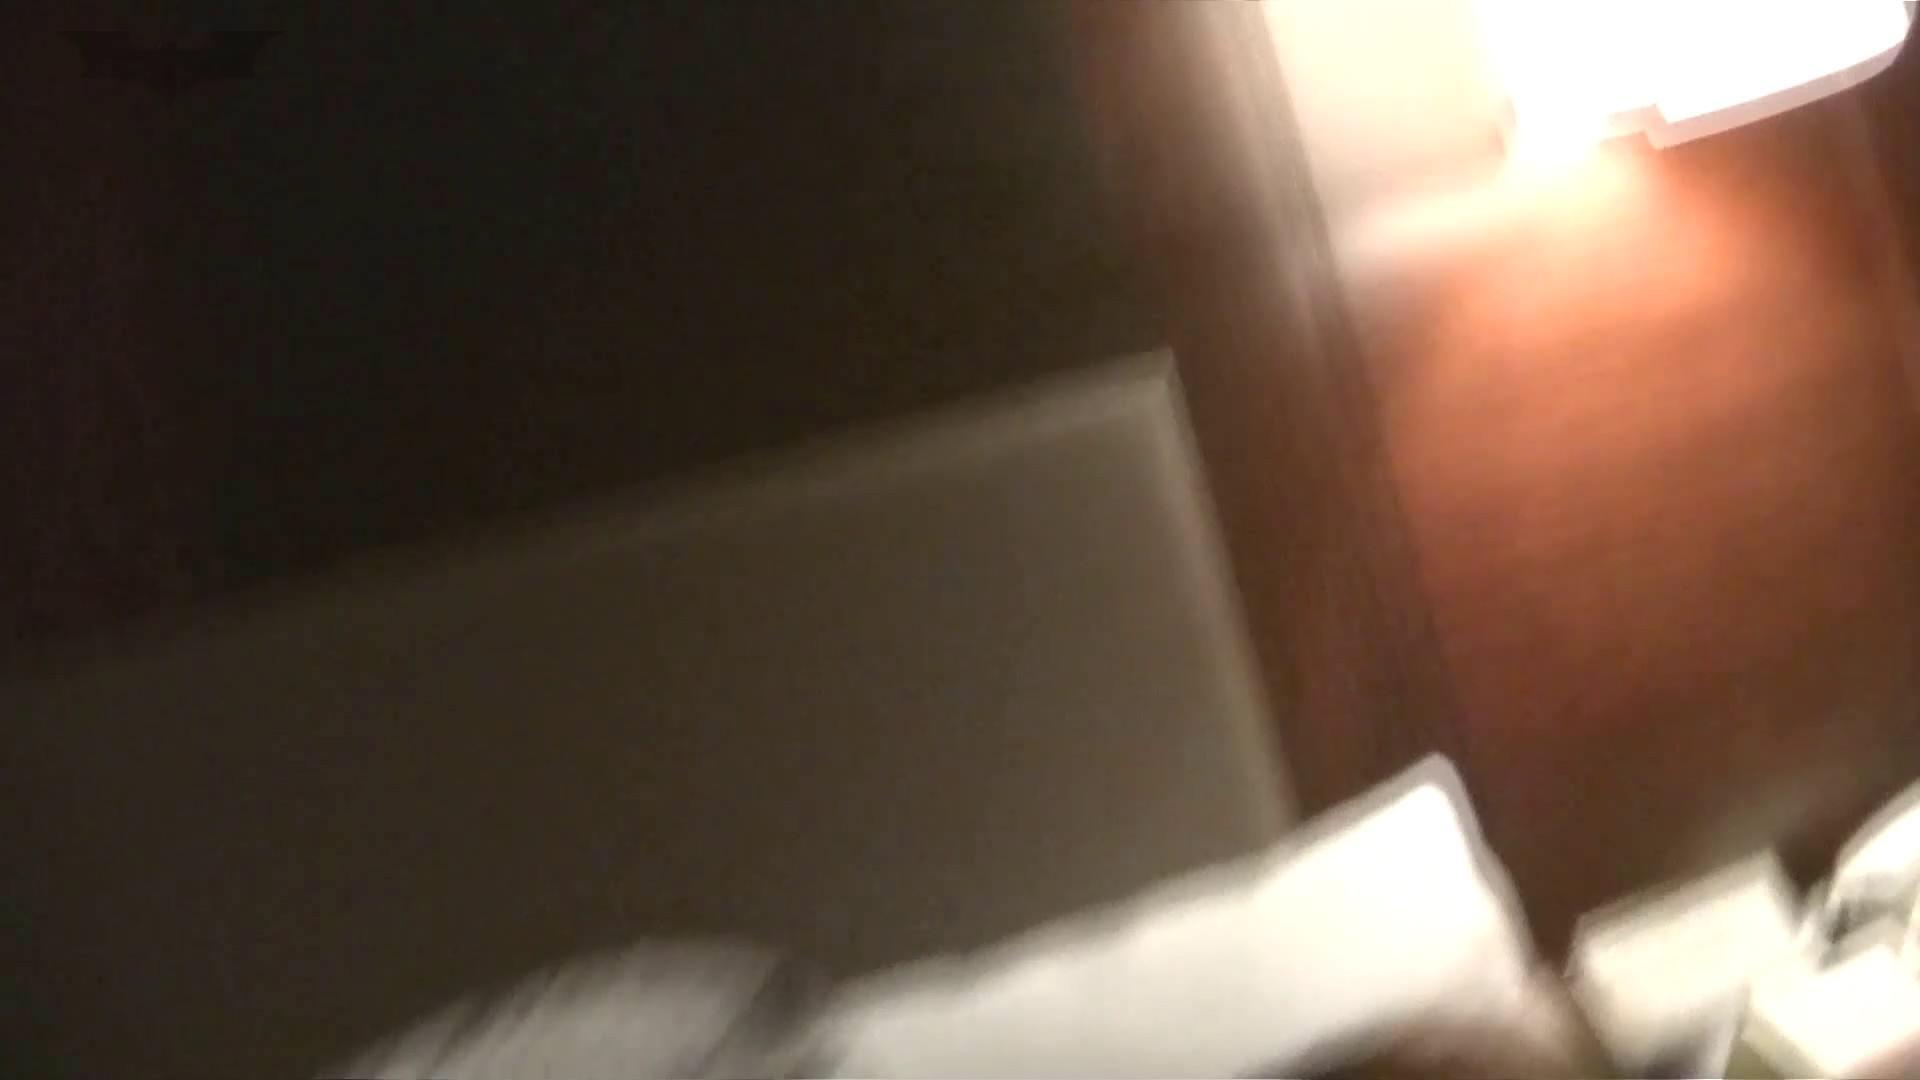 無修正ヌード|期間限定闇の花道Vol.07 影対姪っ子絶対ダメな調教関係Vol.01|怪盗ジョーカー